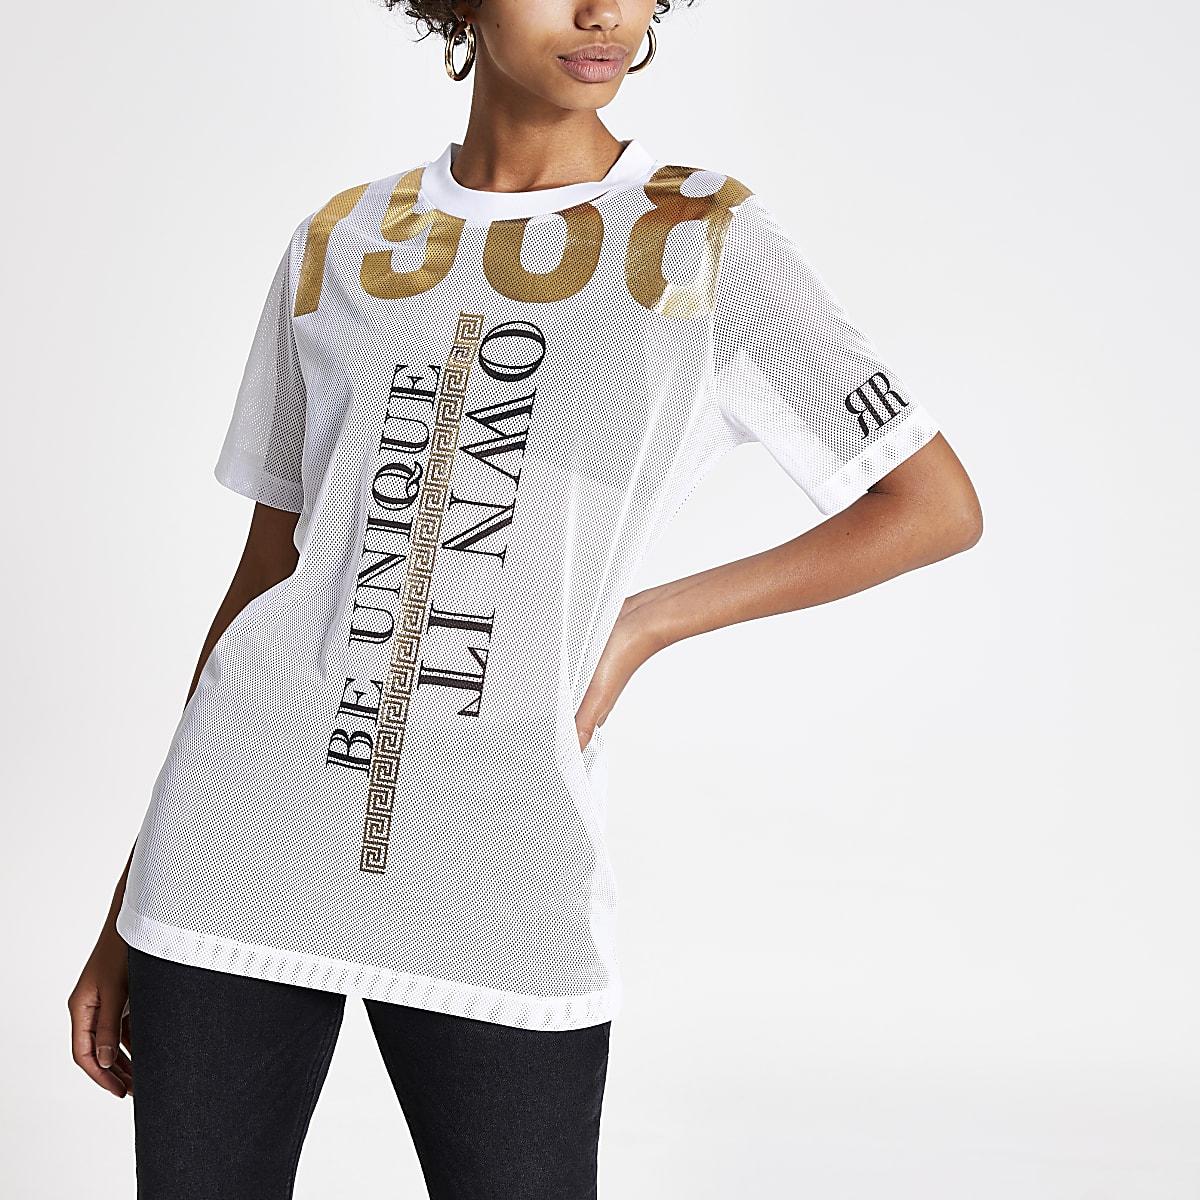 White 'Be Unique' mesh T-shirt